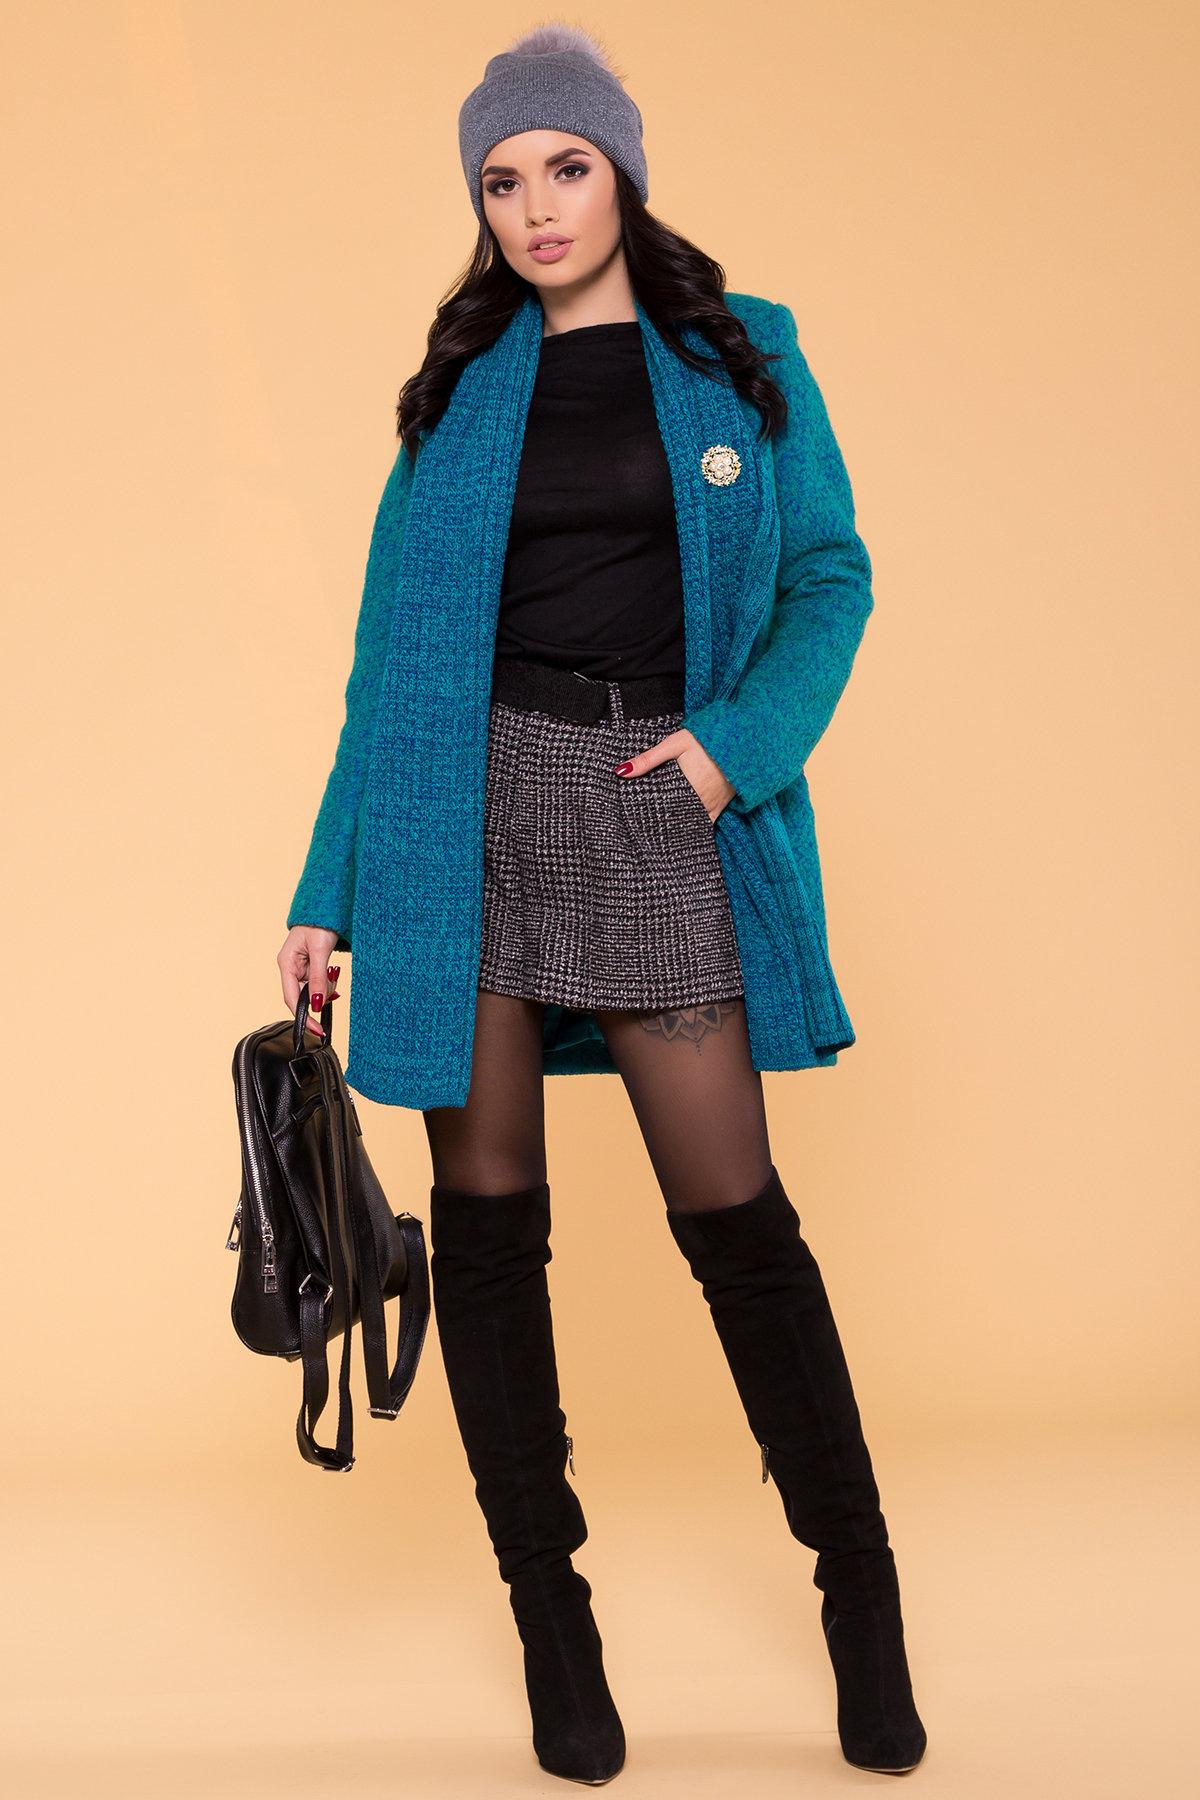 Пальто Капучино 1179   АРТ. 9136 Цвет: Бирюза - фото 3, интернет магазин tm-modus.ru